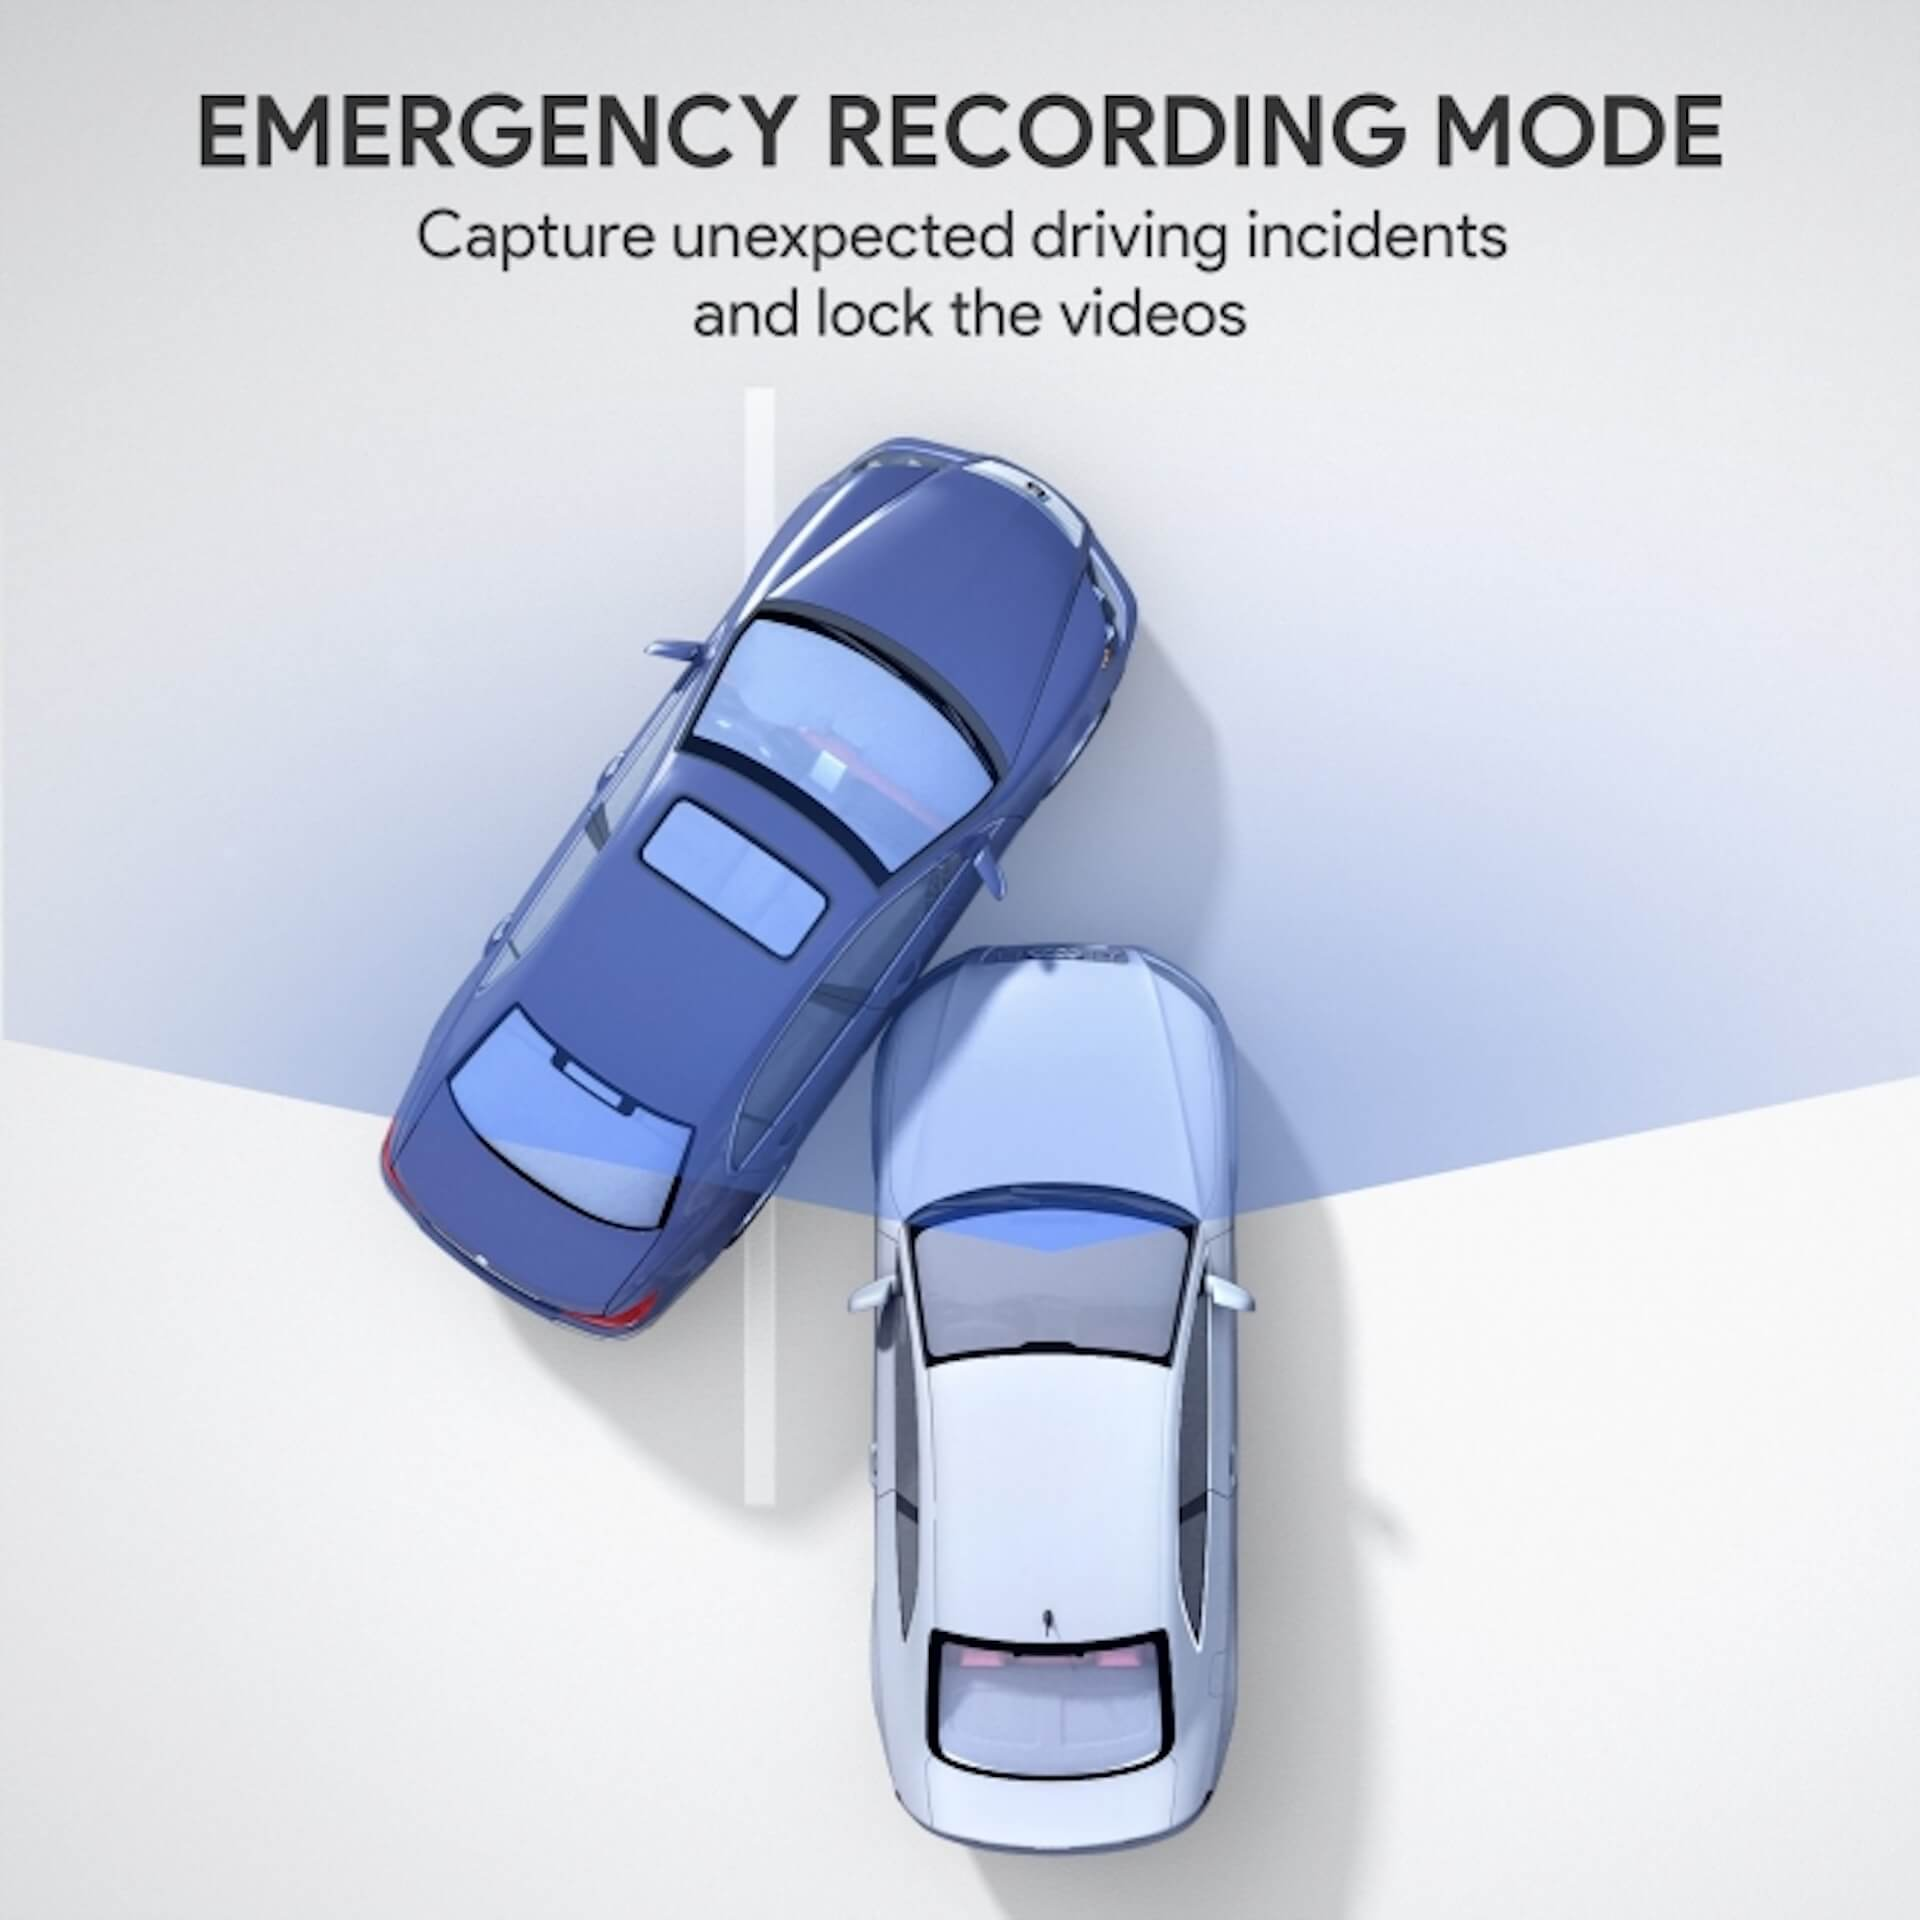 交通事故が起きてしまったときのために......高精細なドライブレコーダー「DR02J」が半額になって登場! tech190917_driverecorder_dr02j_3